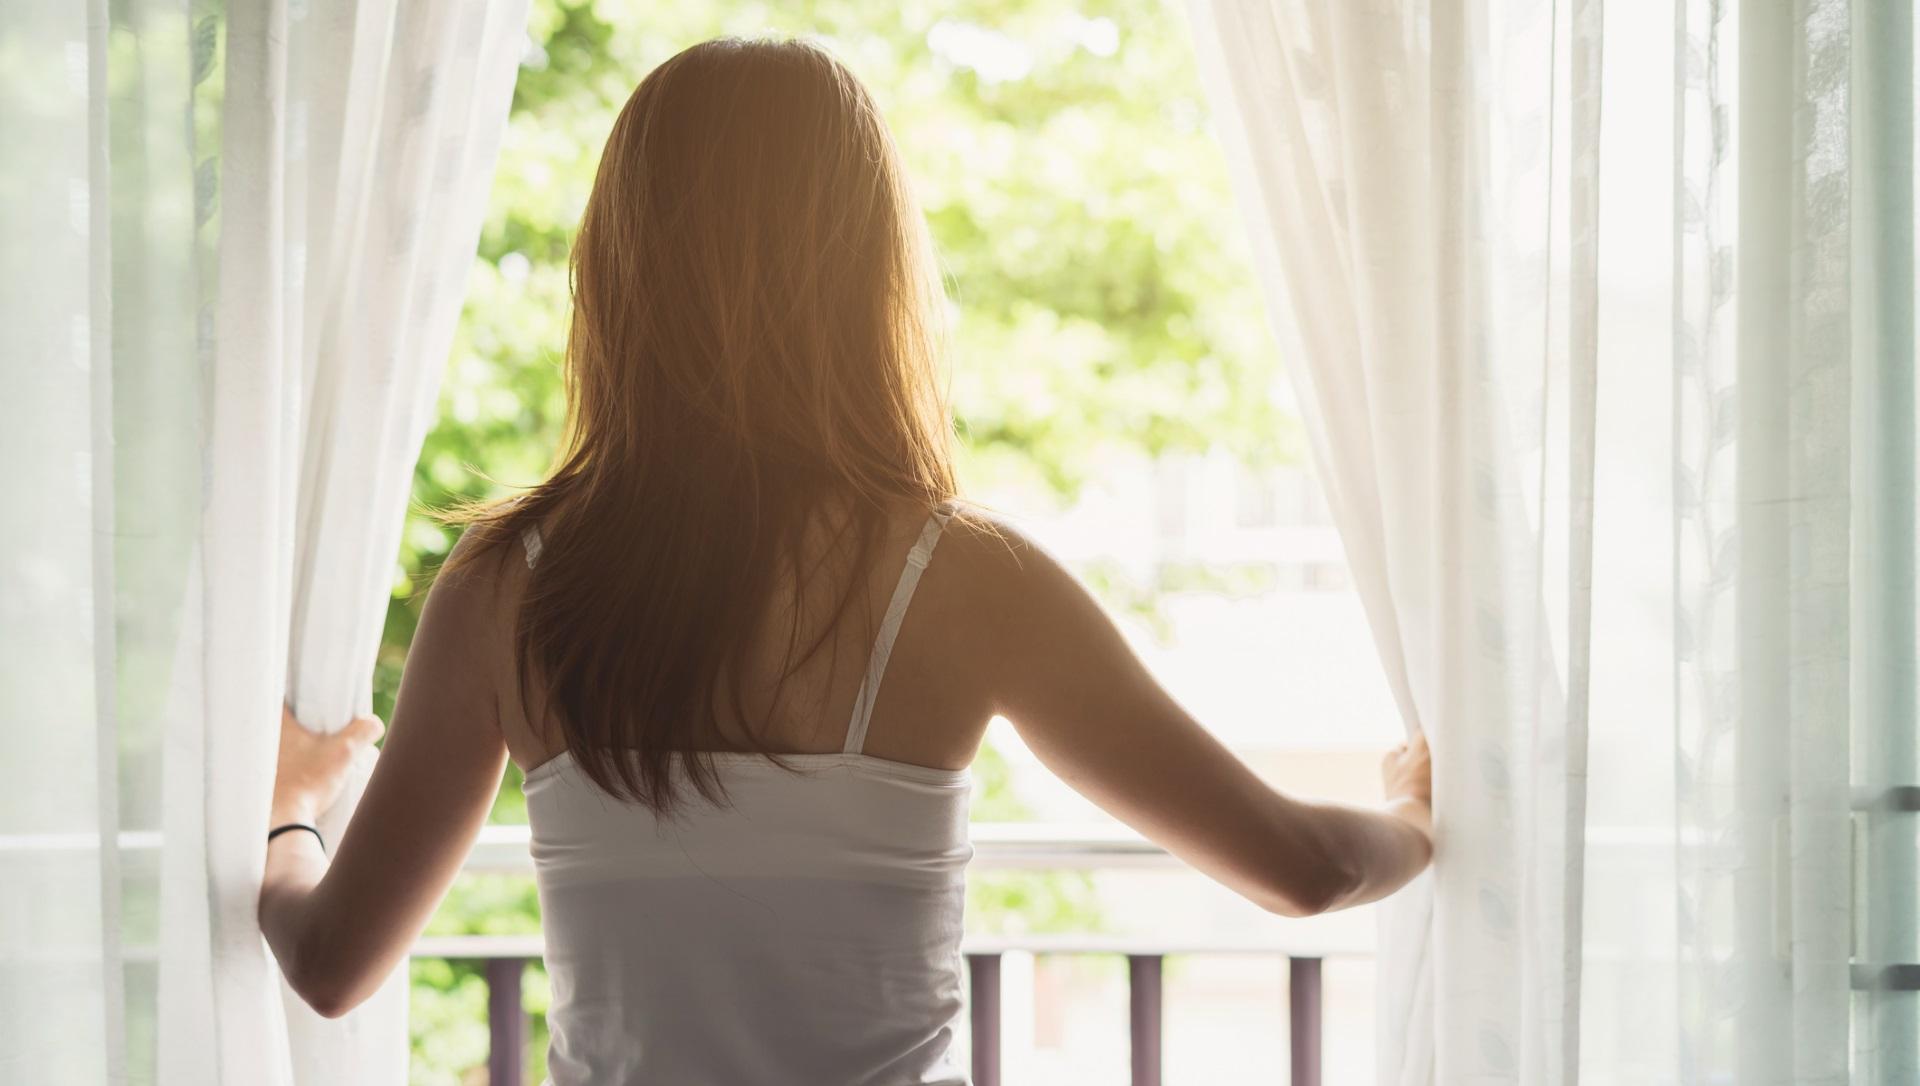 <p>Не игнорирайте качеството на въздуха в спалнята<br /> <br /> Лошото качество на въздуха в спалнята може да бъде много вредно за здравето ви, тъй като може да доведе до проблеми със съня и с дишането. Липсата на качествен сън може да доведе не само до изтощение, но и до прекомерно натоварване на нервната система и основни органи. Проветрявайте спалнята си редовно, отваряйки прозореца. Ако имате алергии и това не е опция, отворете вратата на спалнята, за да циркулира въздуха.</p>